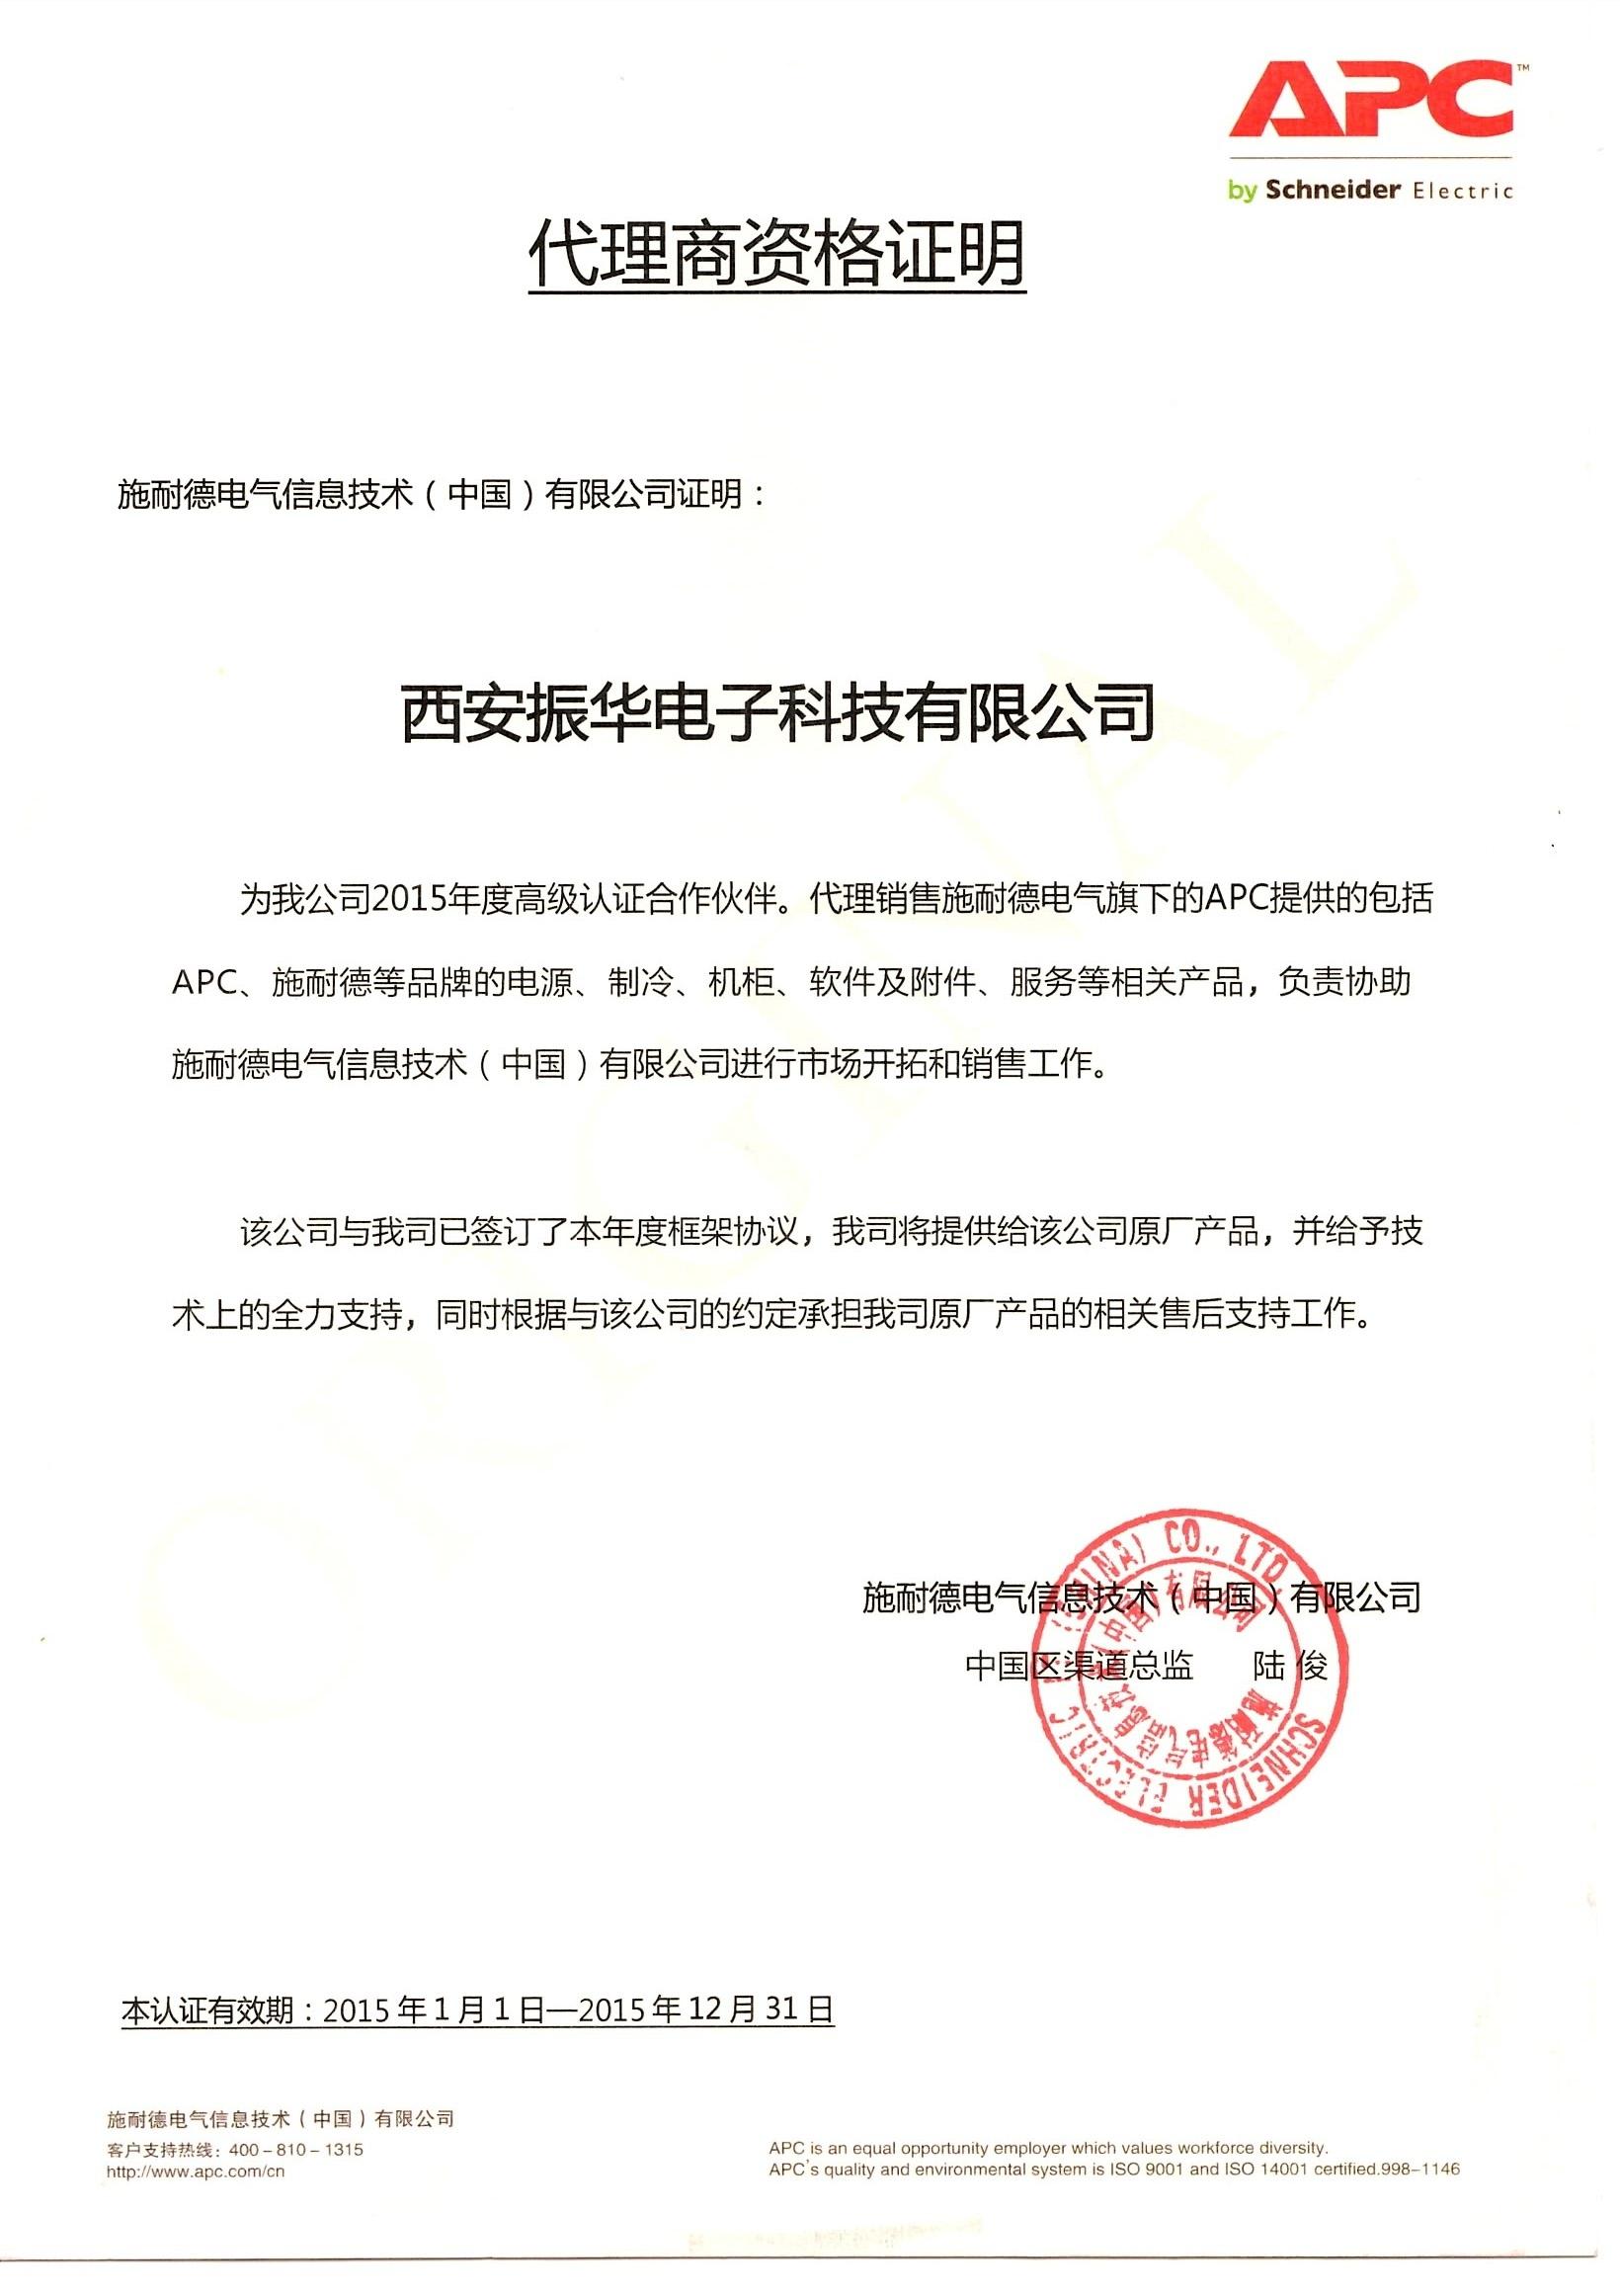 西安振华施耐德系列产品代理证书